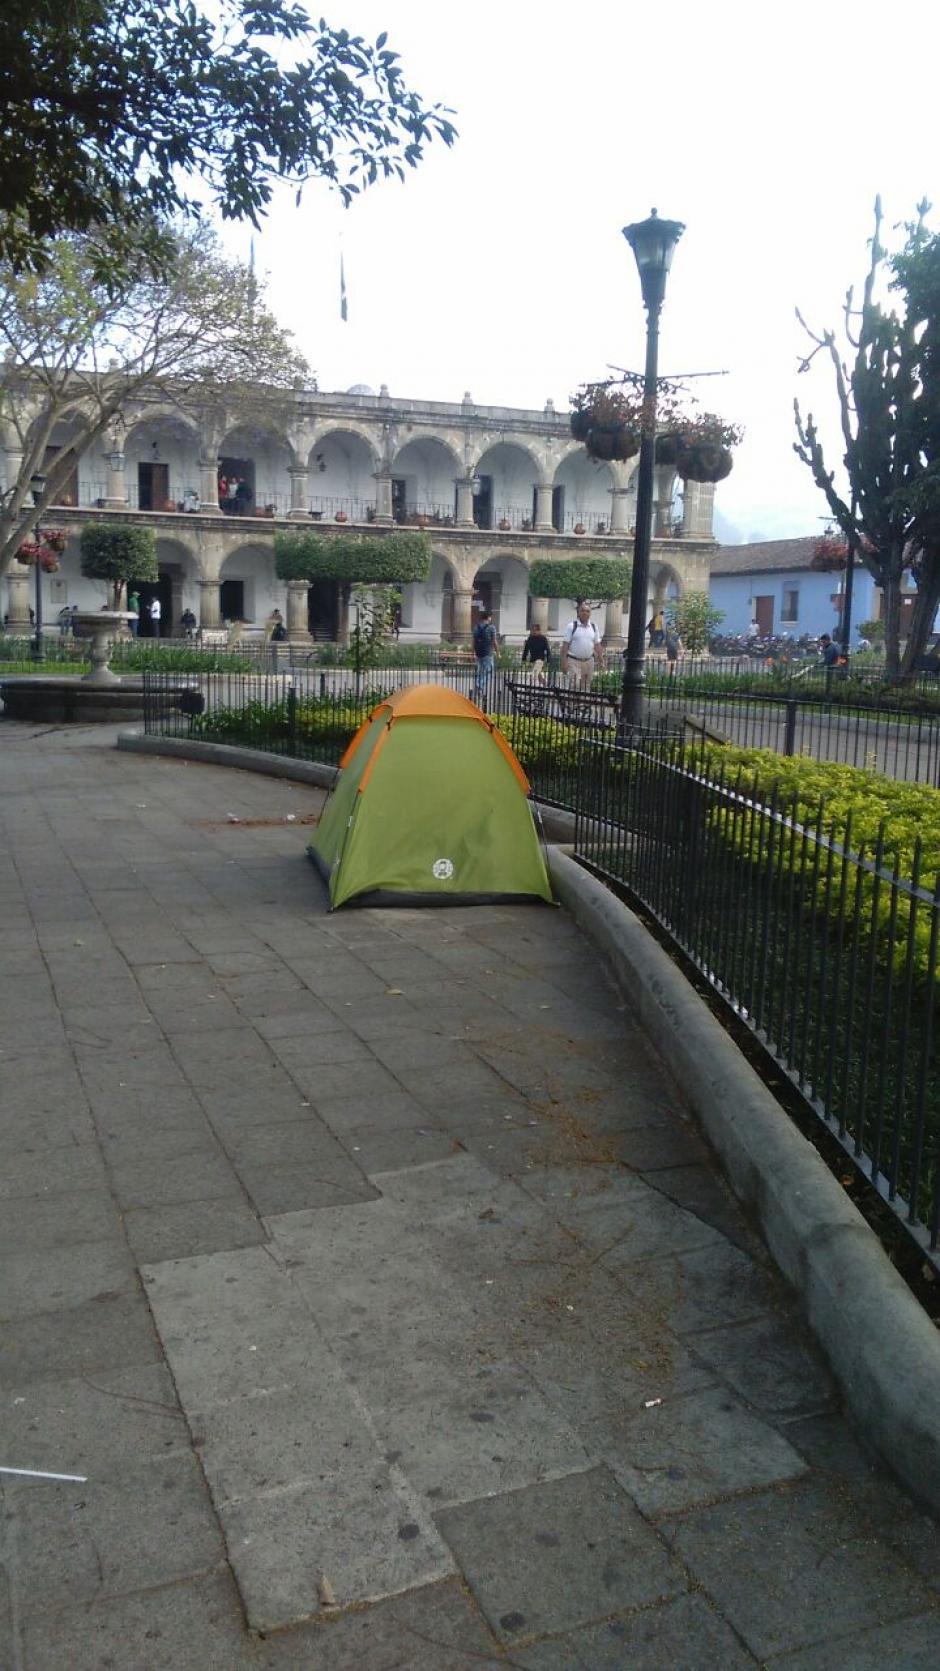 El hecho asombró a los transeúntes que se dirigían a sus trabajos la mañana del viernes. (Foto: Pablo Solís/Nuestro Diario)